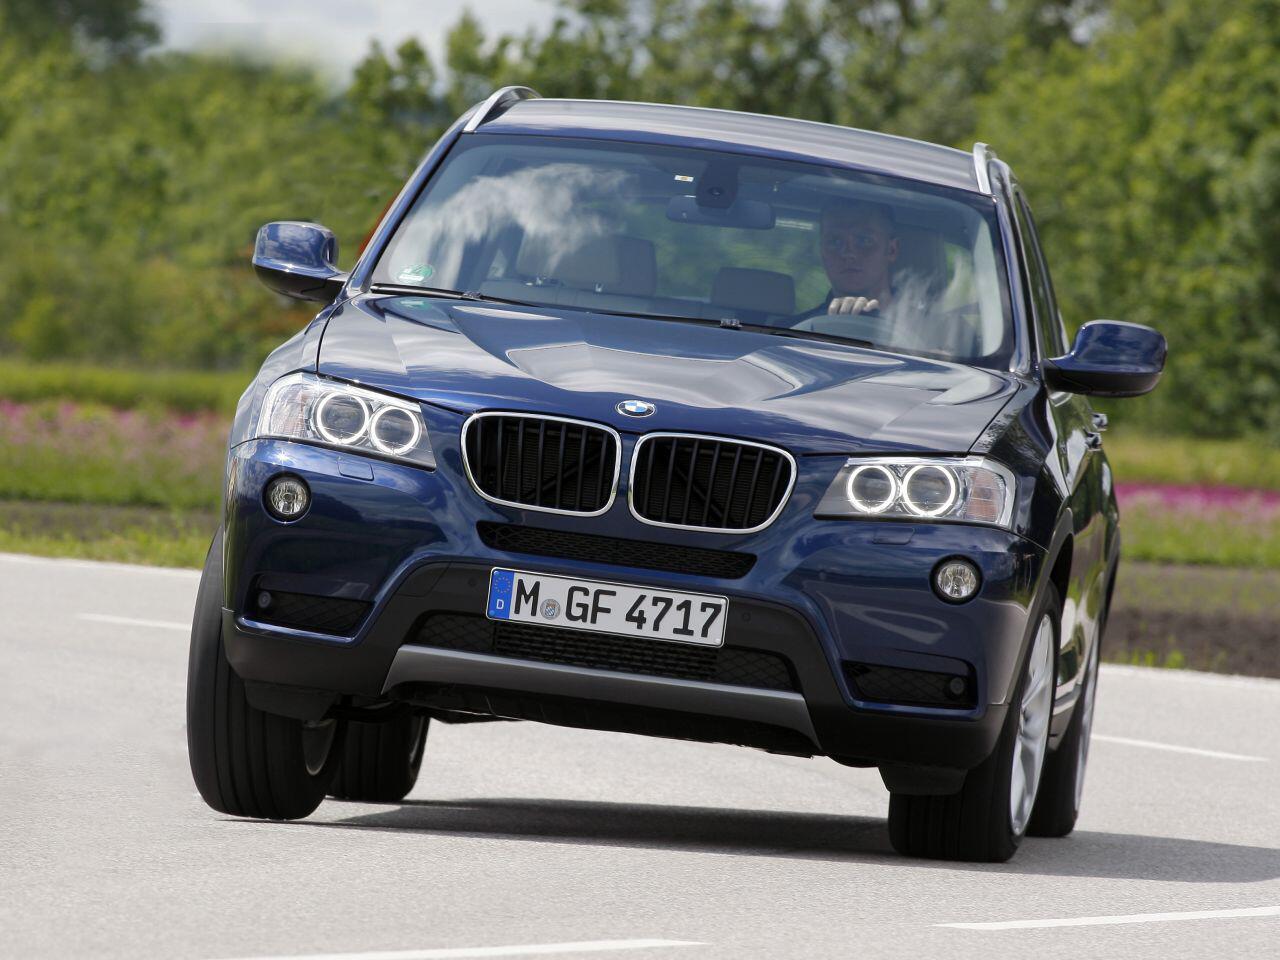 Bild zu BMW X3 2.0d im Test: Allround-Talent mit einem geringen Verbrauch